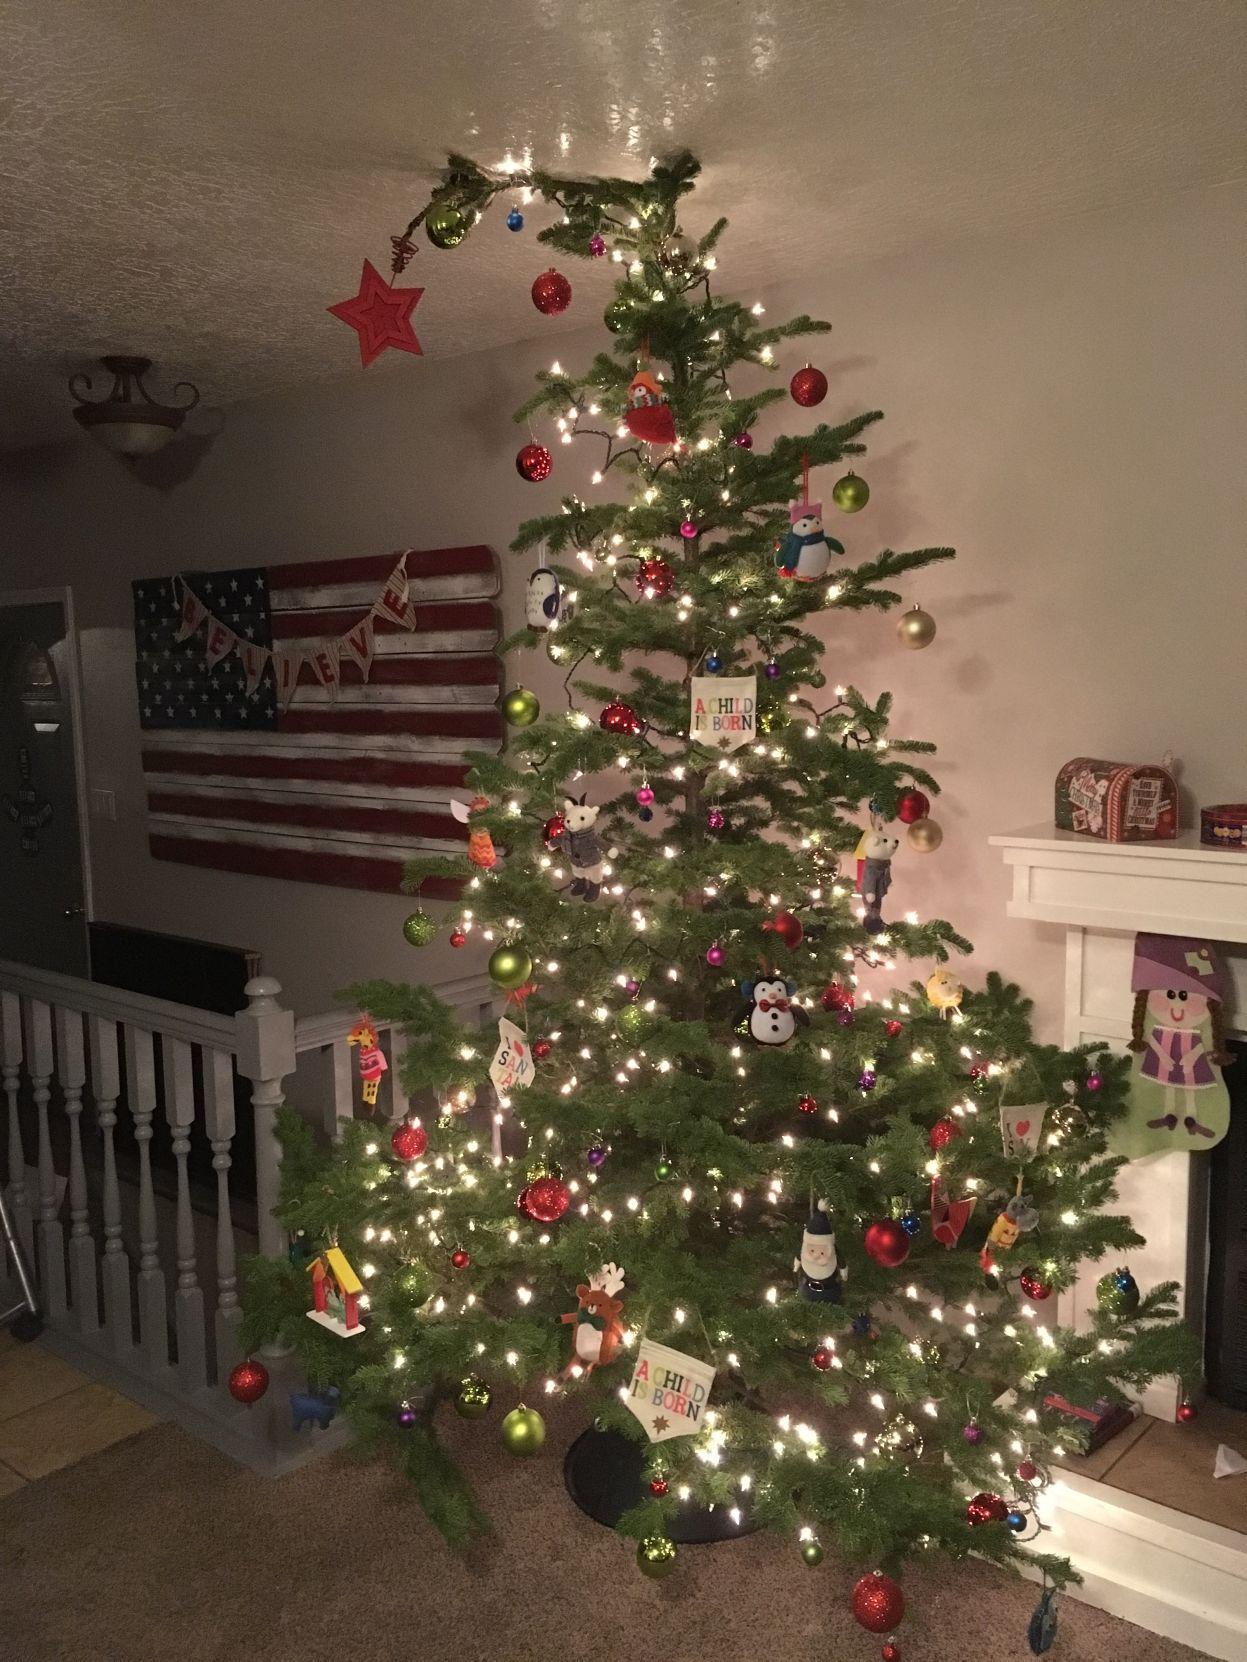 Christmas tree PHOTOS Letu0027s see your Christmas